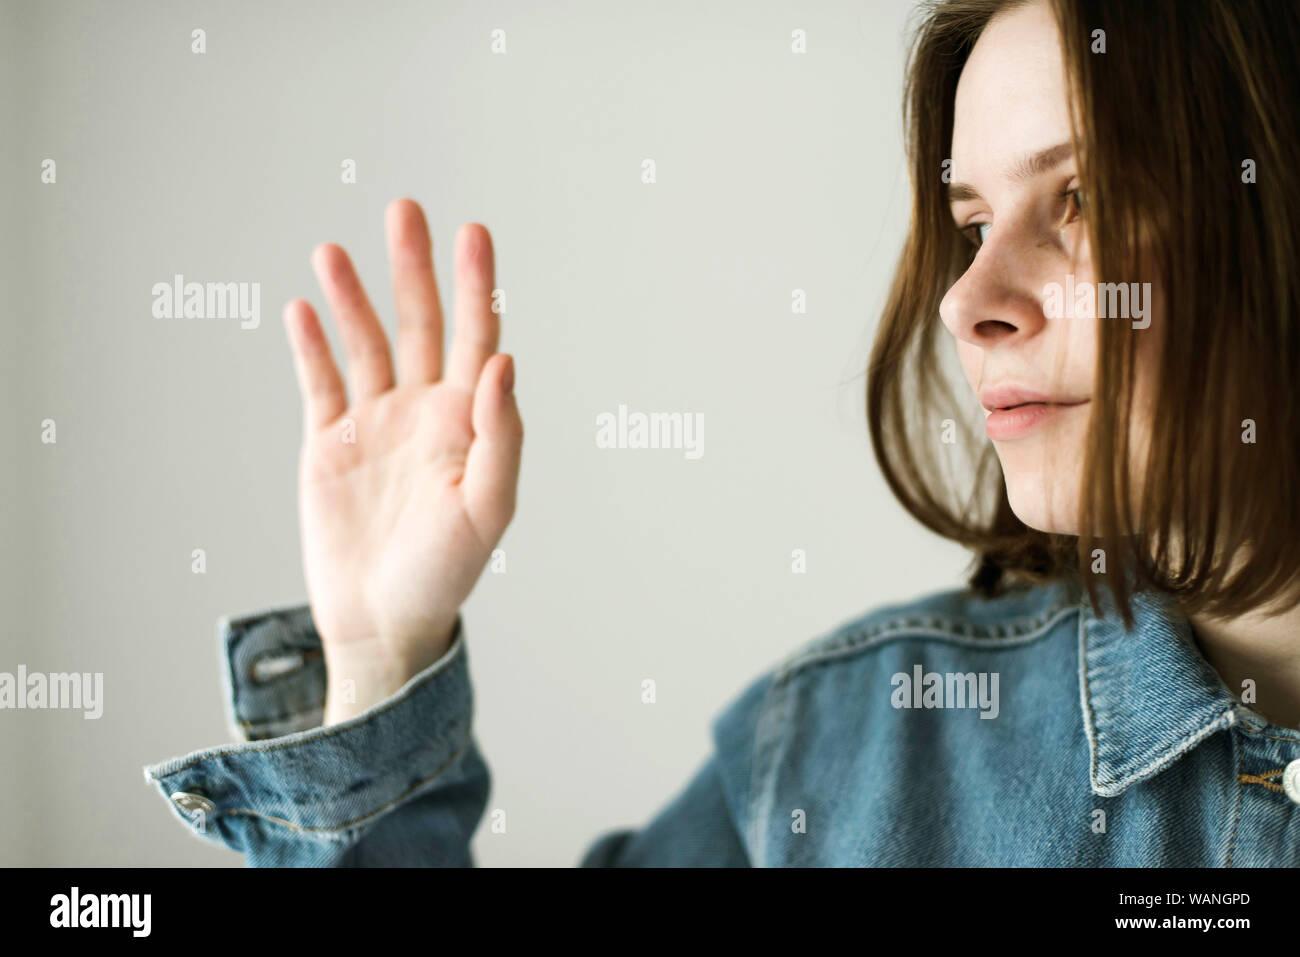 Retrato de mujer contra el fondo blanco. Foto de stock